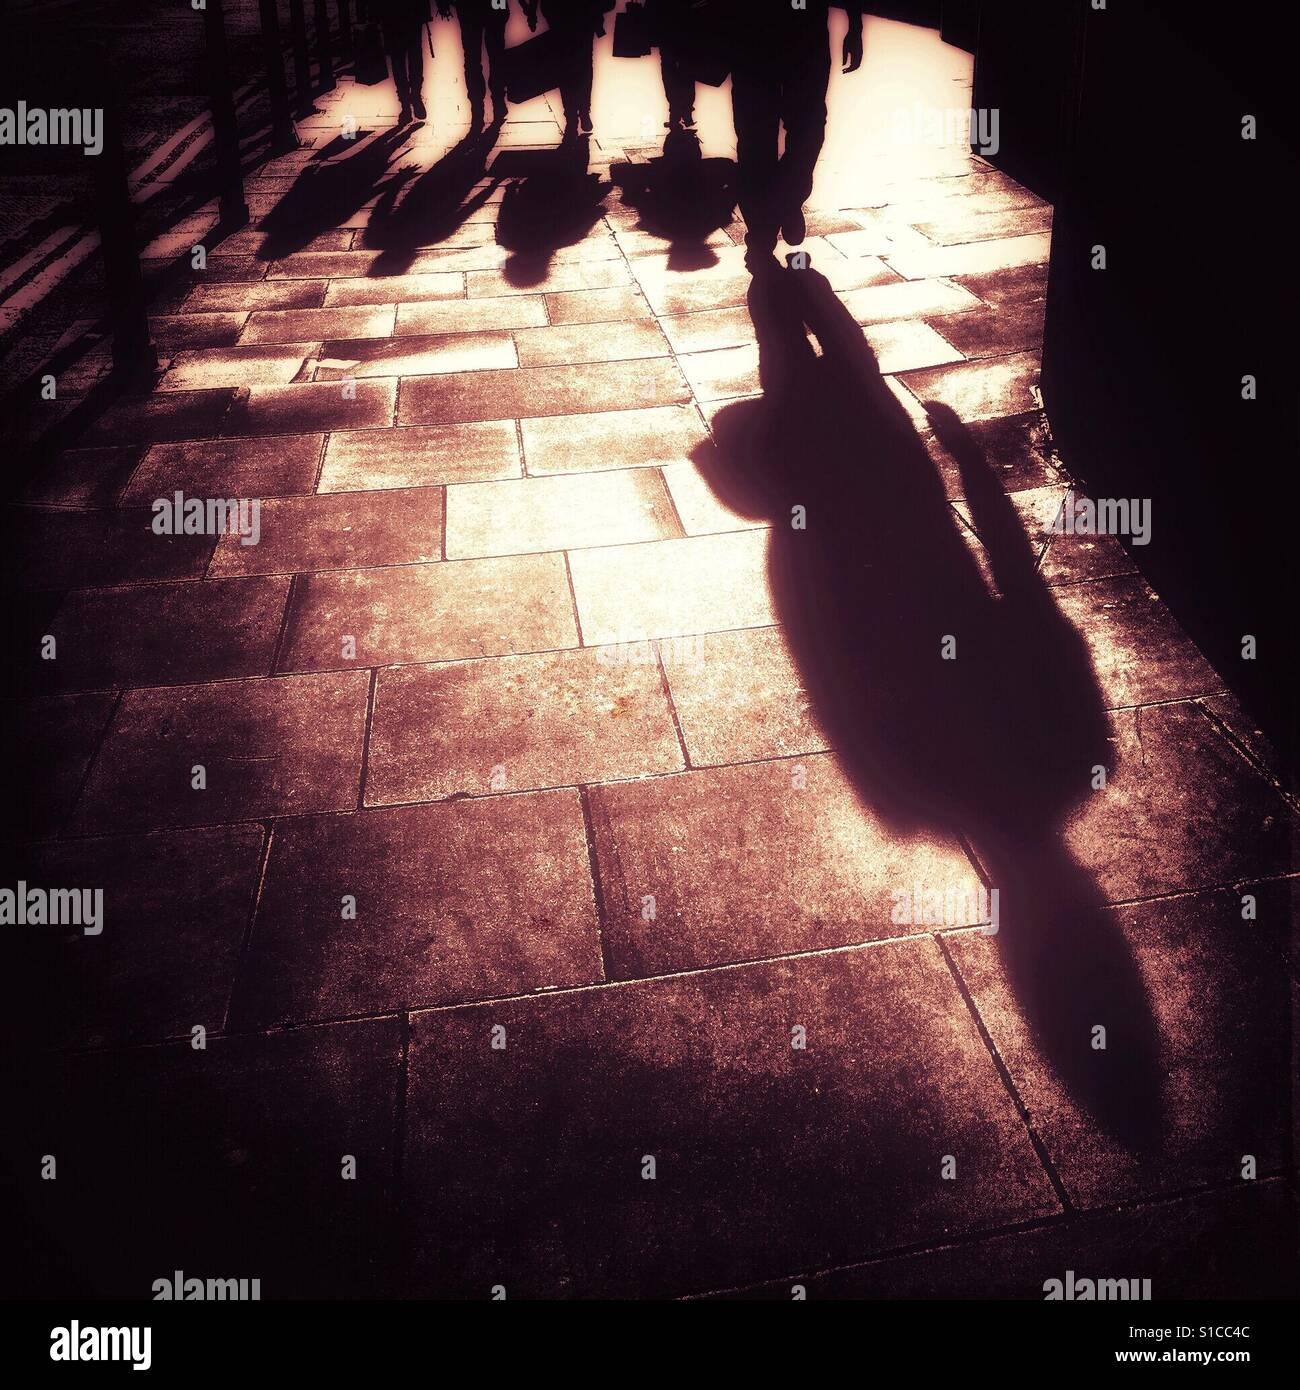 Der lange Schatten von einer Person zu Fuß entlang der Fahrbahn, dicht gefolgt von vier weiteren Personen in Stockbild